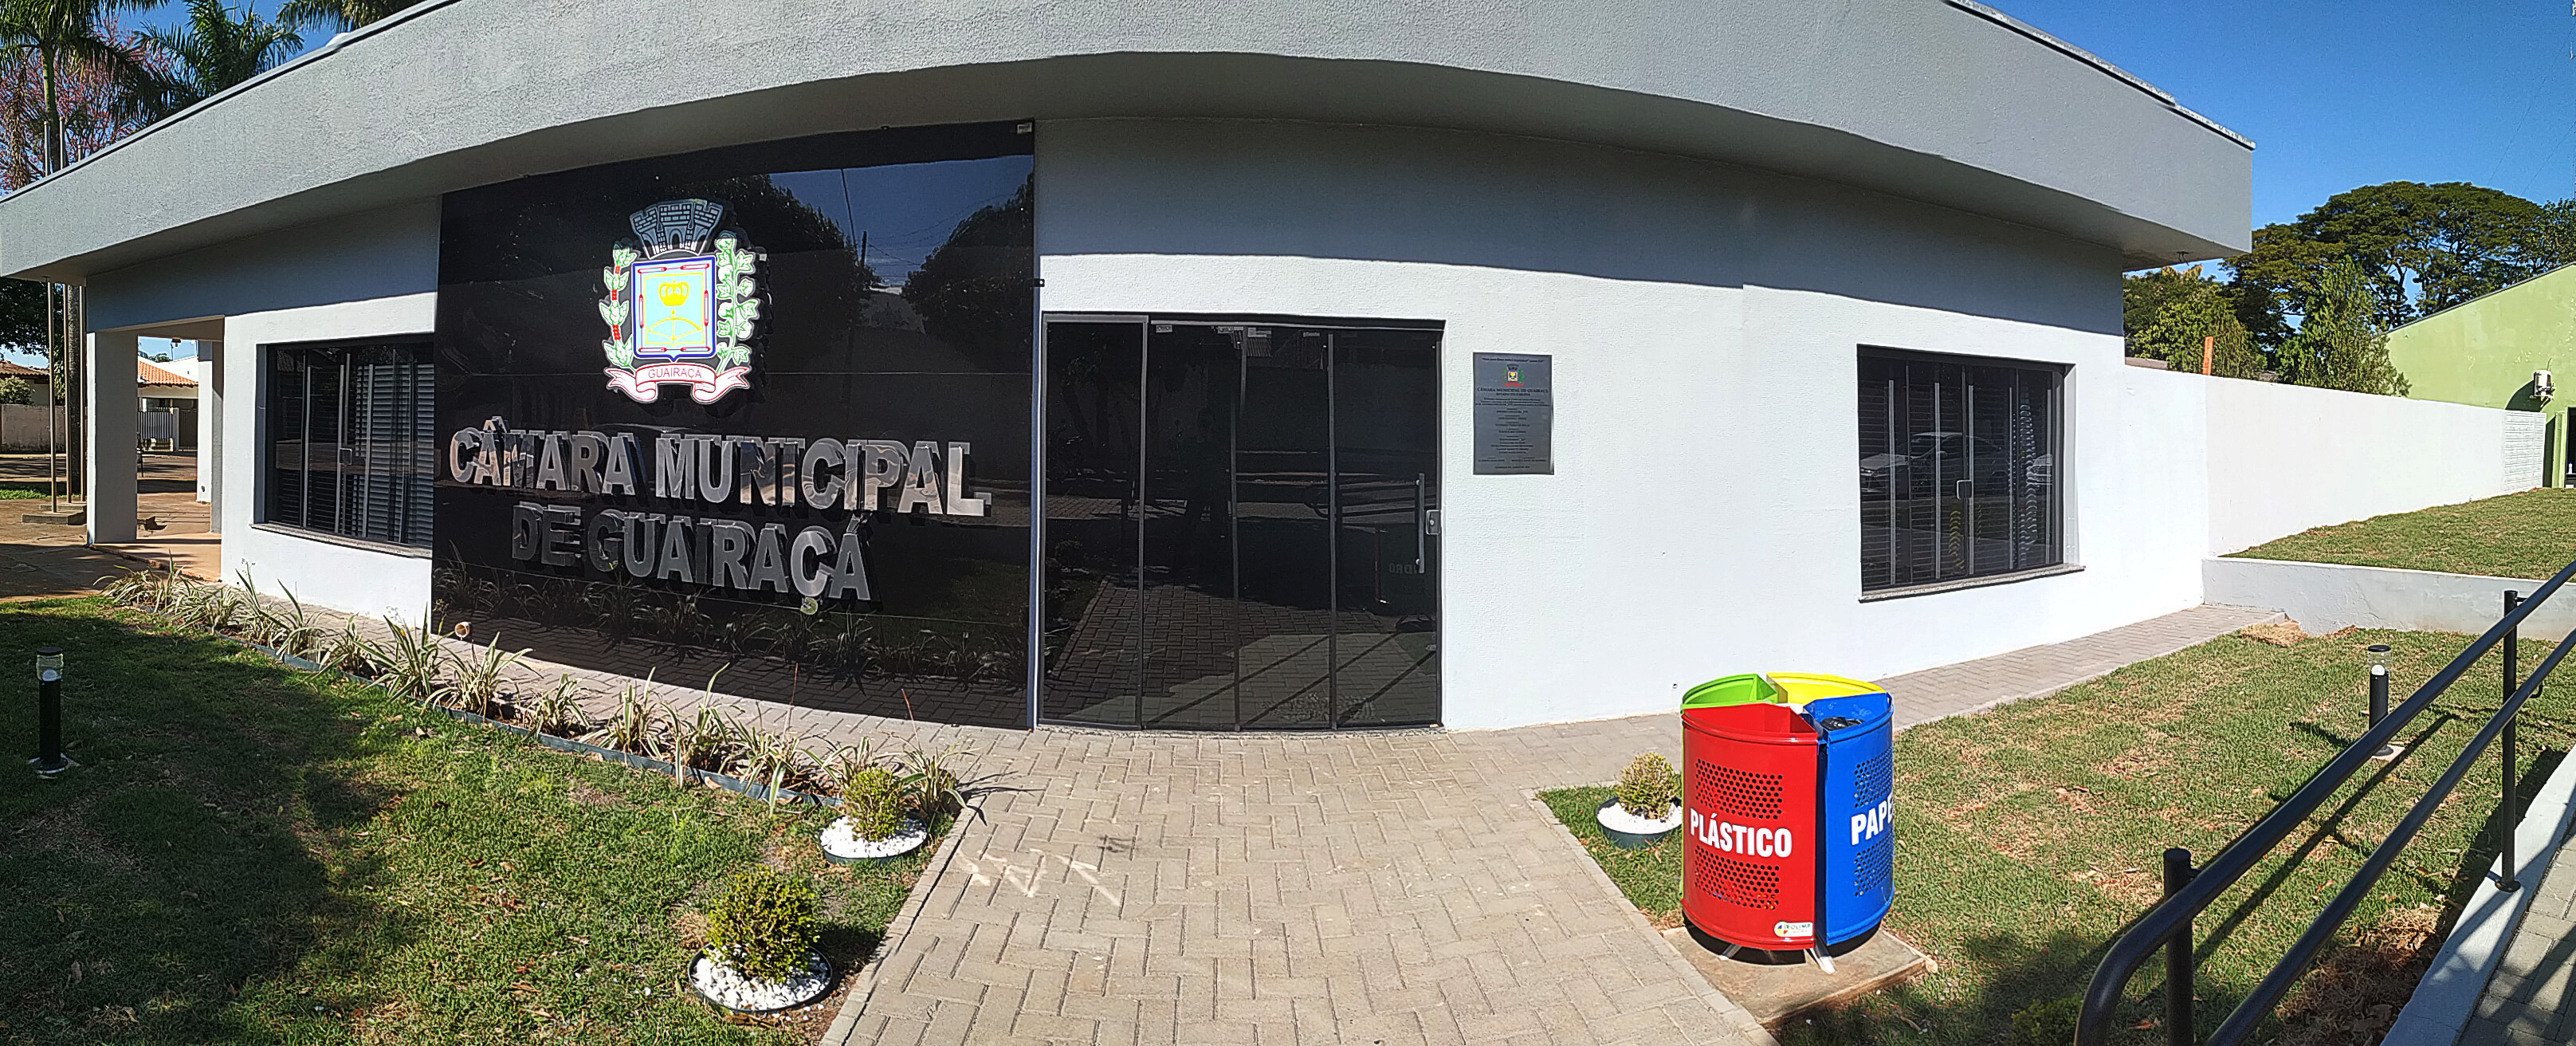 Tribunal de Contas do Estado Paraná aprova contas de 2019 da Câmara Municipal de Guairaçá sem ressalvas